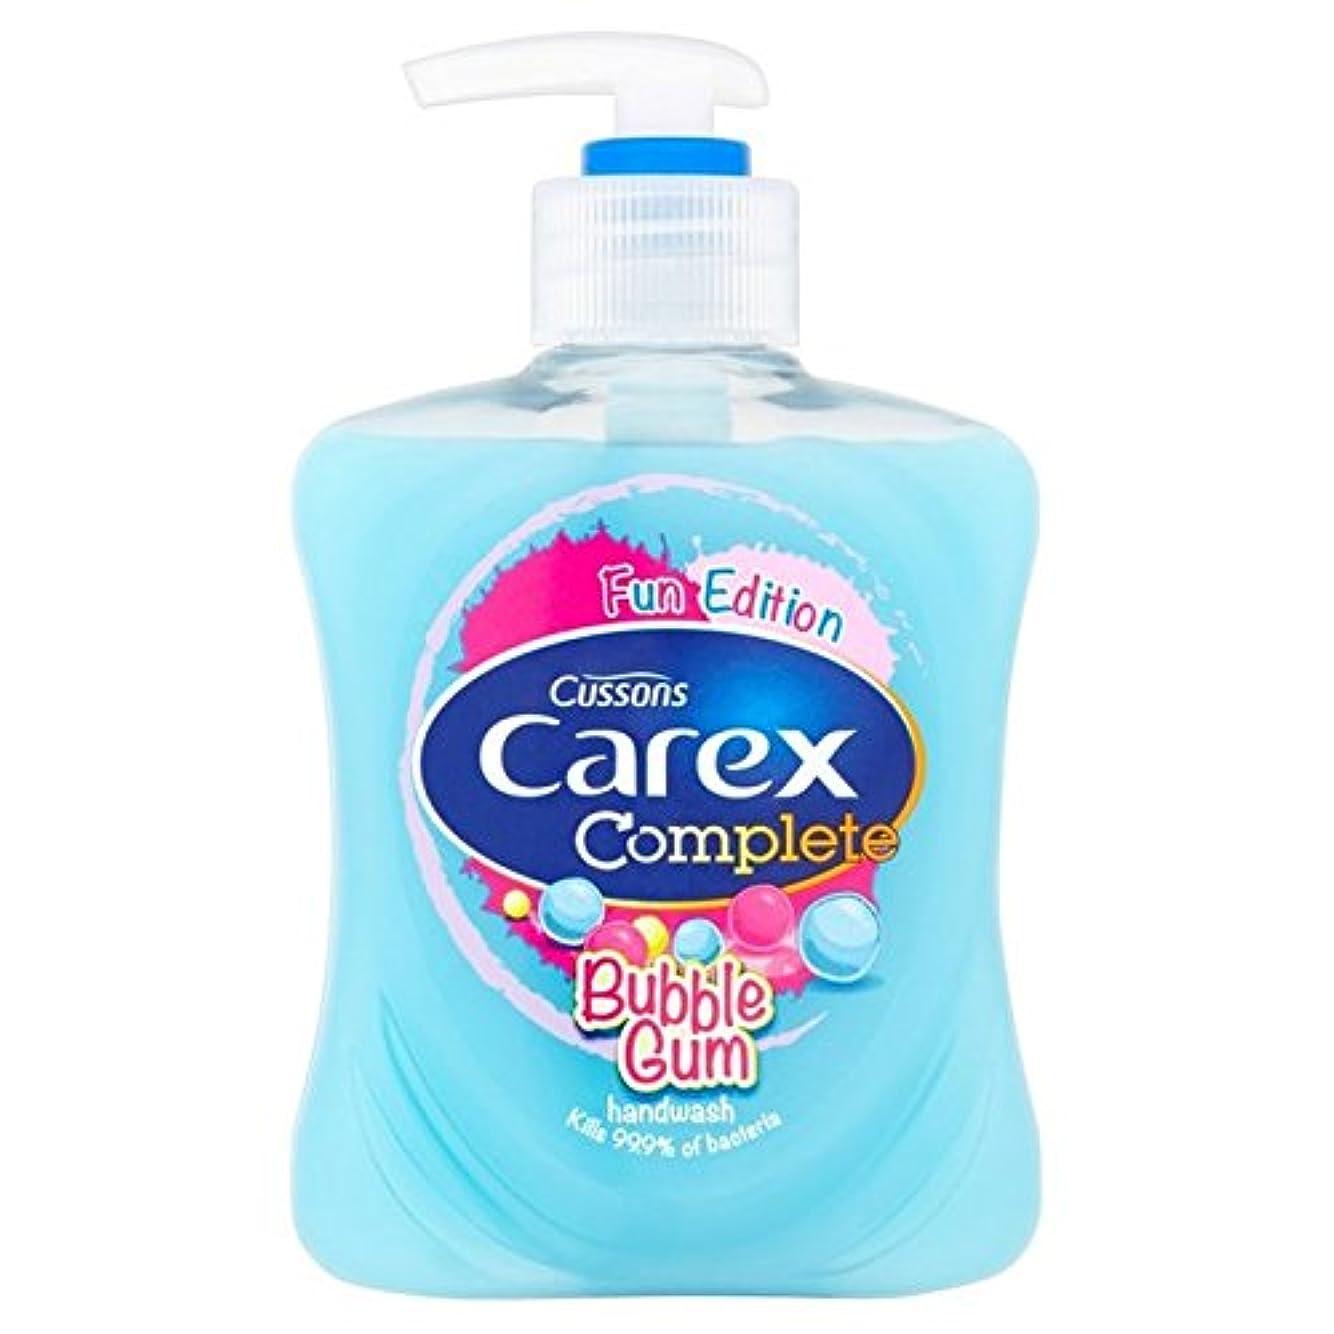 描くいつか派手スゲ子供手洗いバブルガムの250ミリリットル x2 - Carex Kids Handwash Bubblegum 250ml (Pack of 2) [並行輸入品]